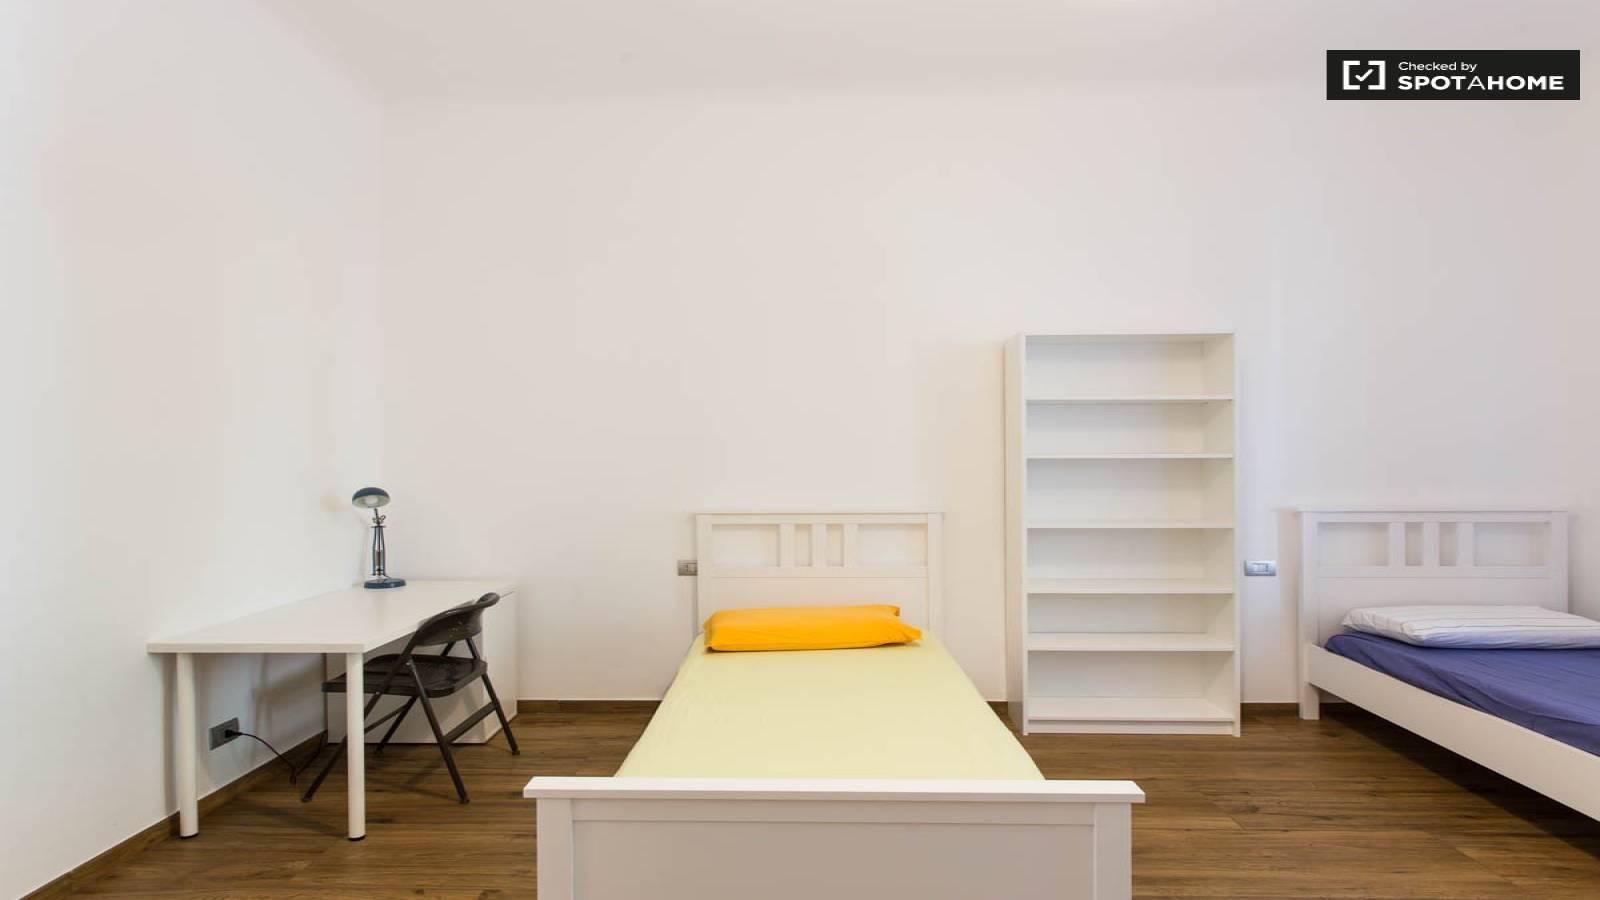 Bedroom 5- Bed 1